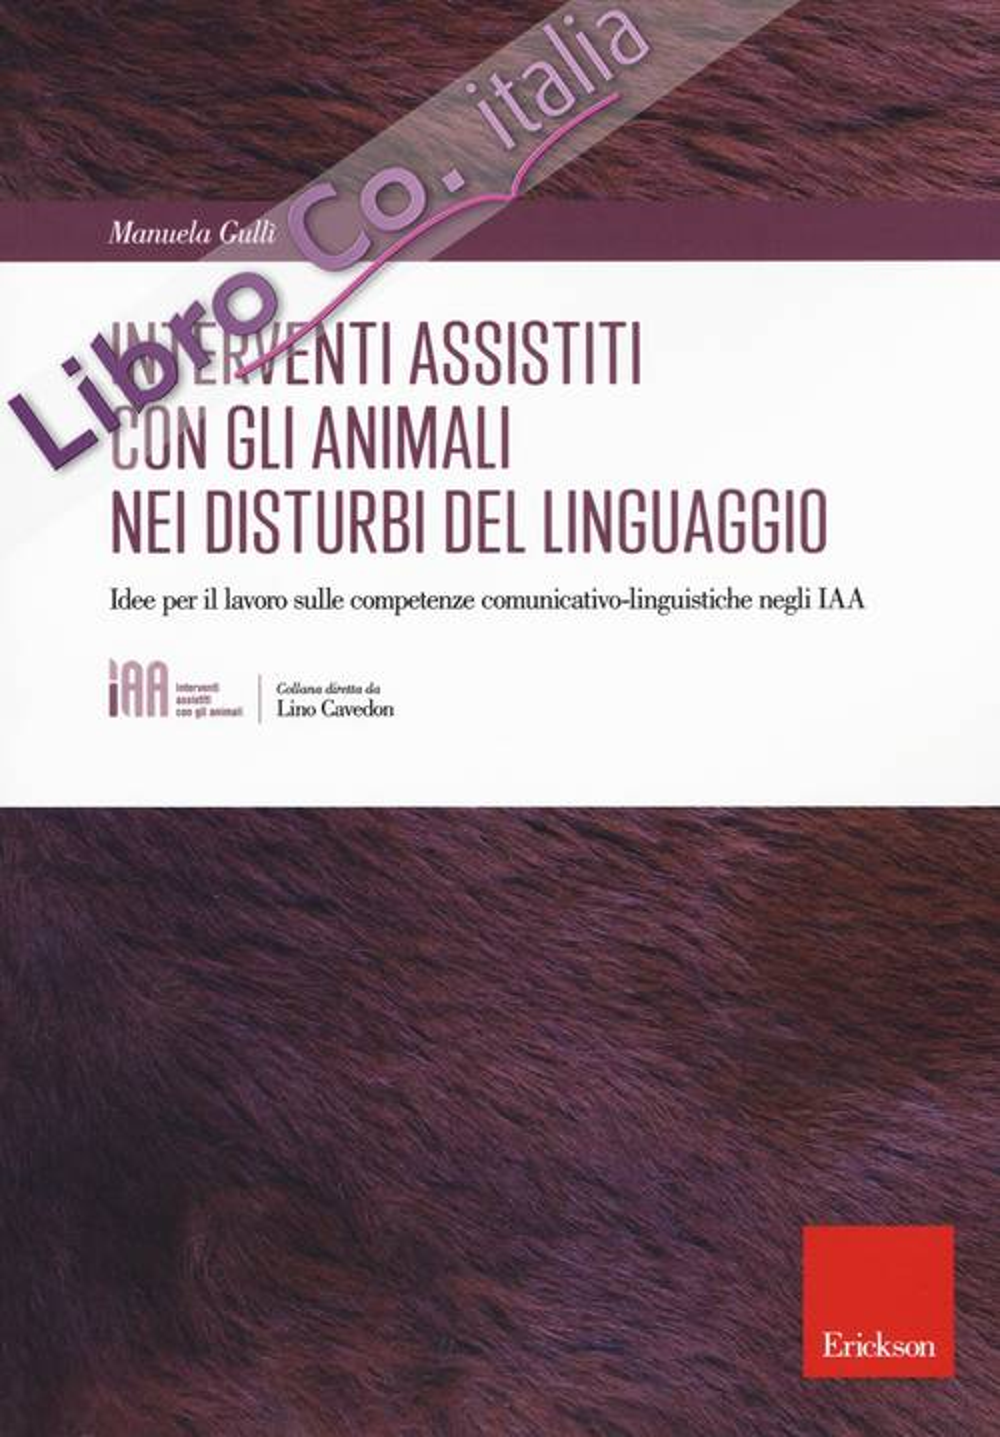 Gli interventi assistiti con gli animali nei disturbi del linguaggio. Idee per il lavoro sulle competenze comunicativo-linguistiche negli IAA